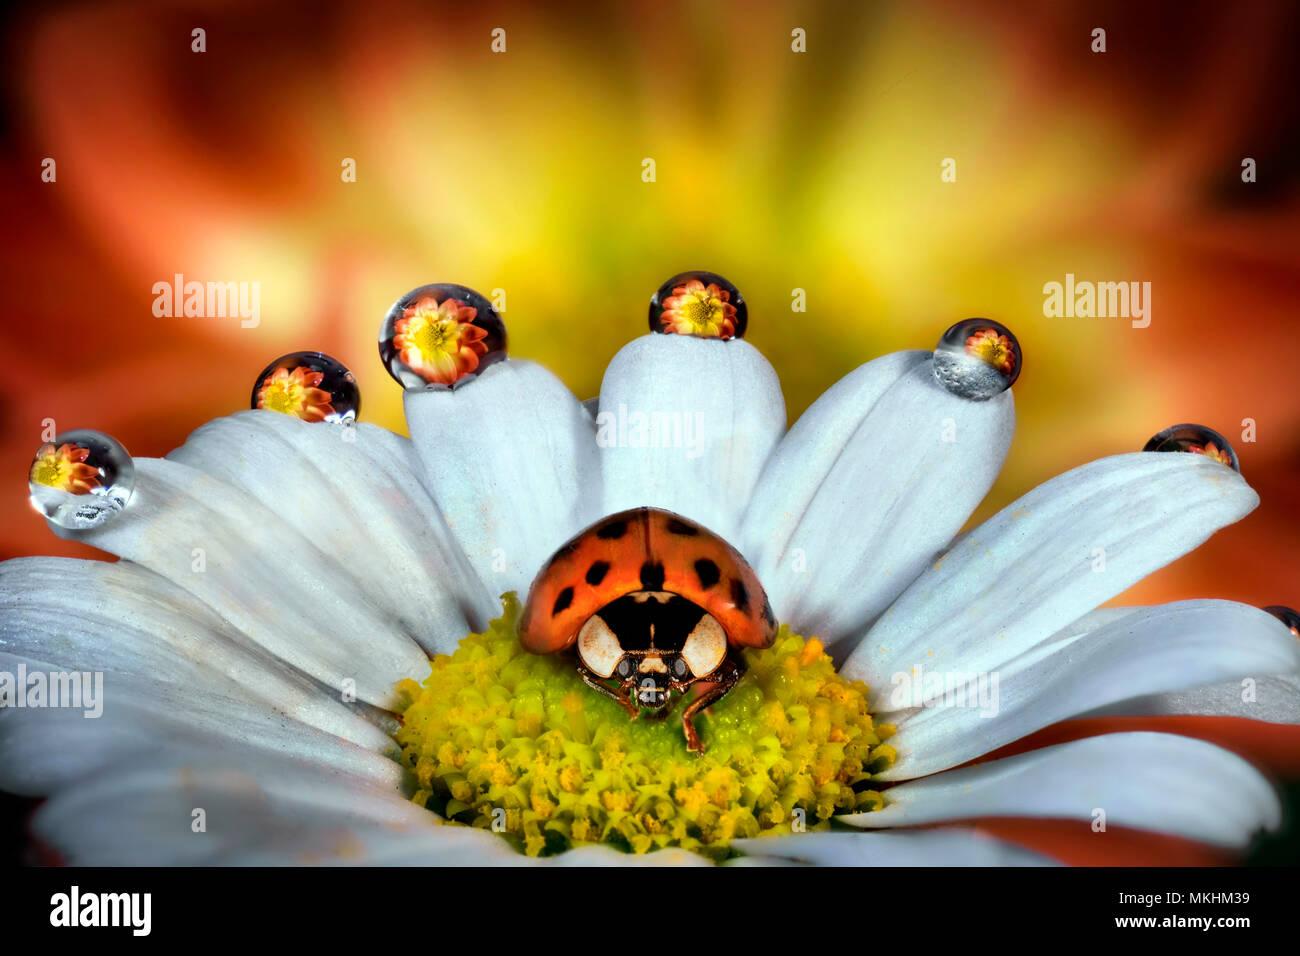 Ladybug on a daisy, Parma, Italy - Stock Image